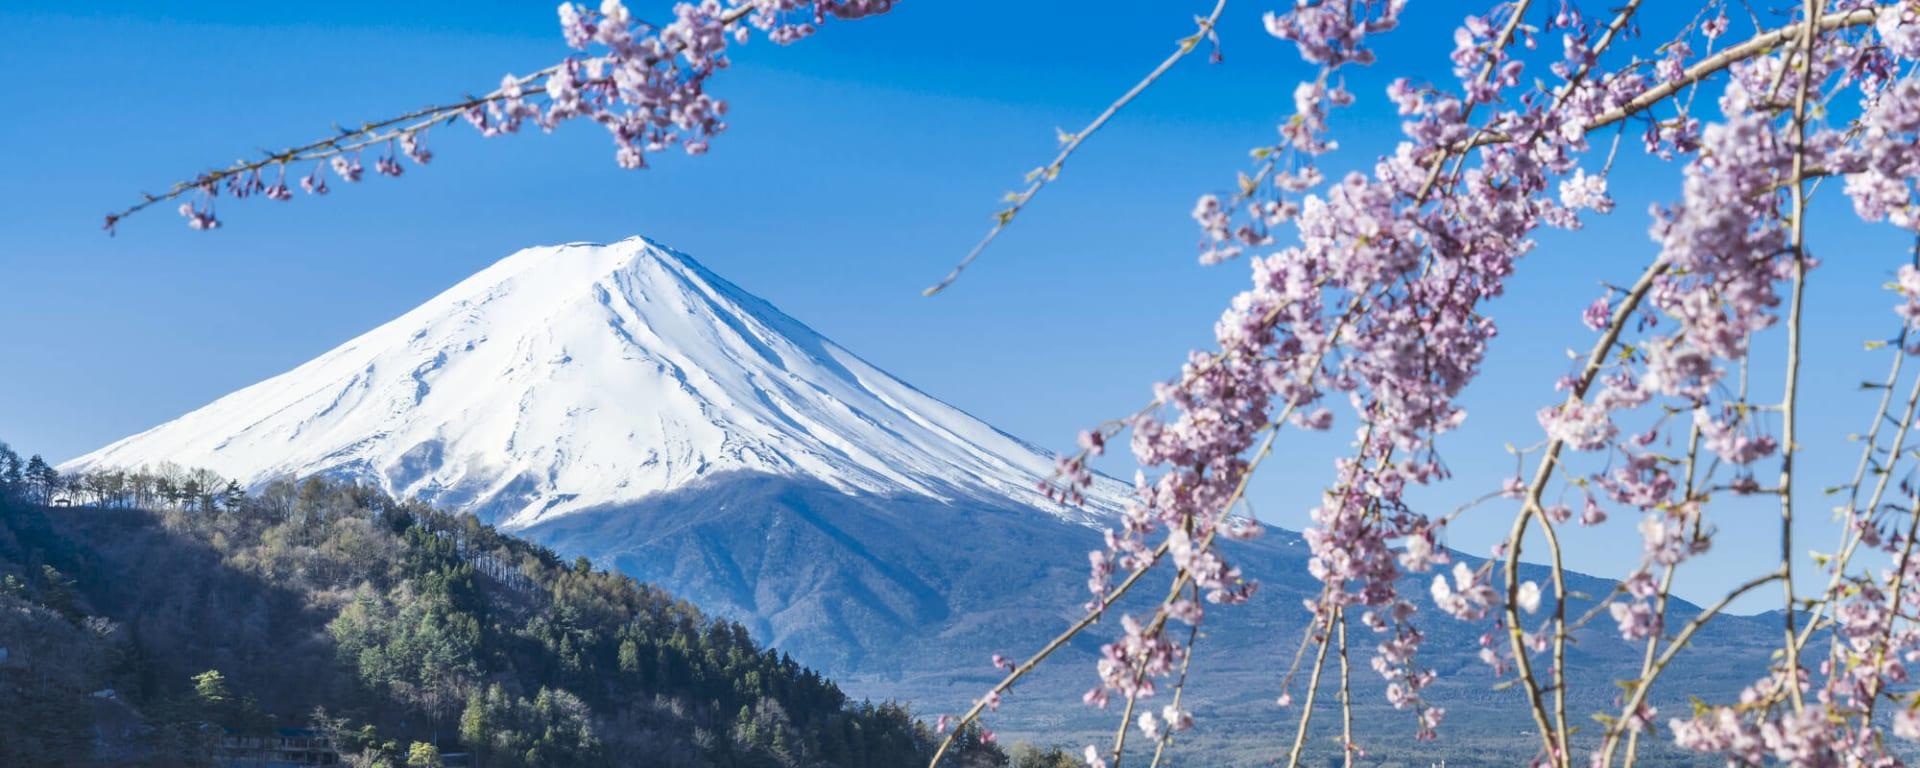 Japan entdecken mit Tischler Reisen: Japan Hakone Mount Fuji Kirschblüte